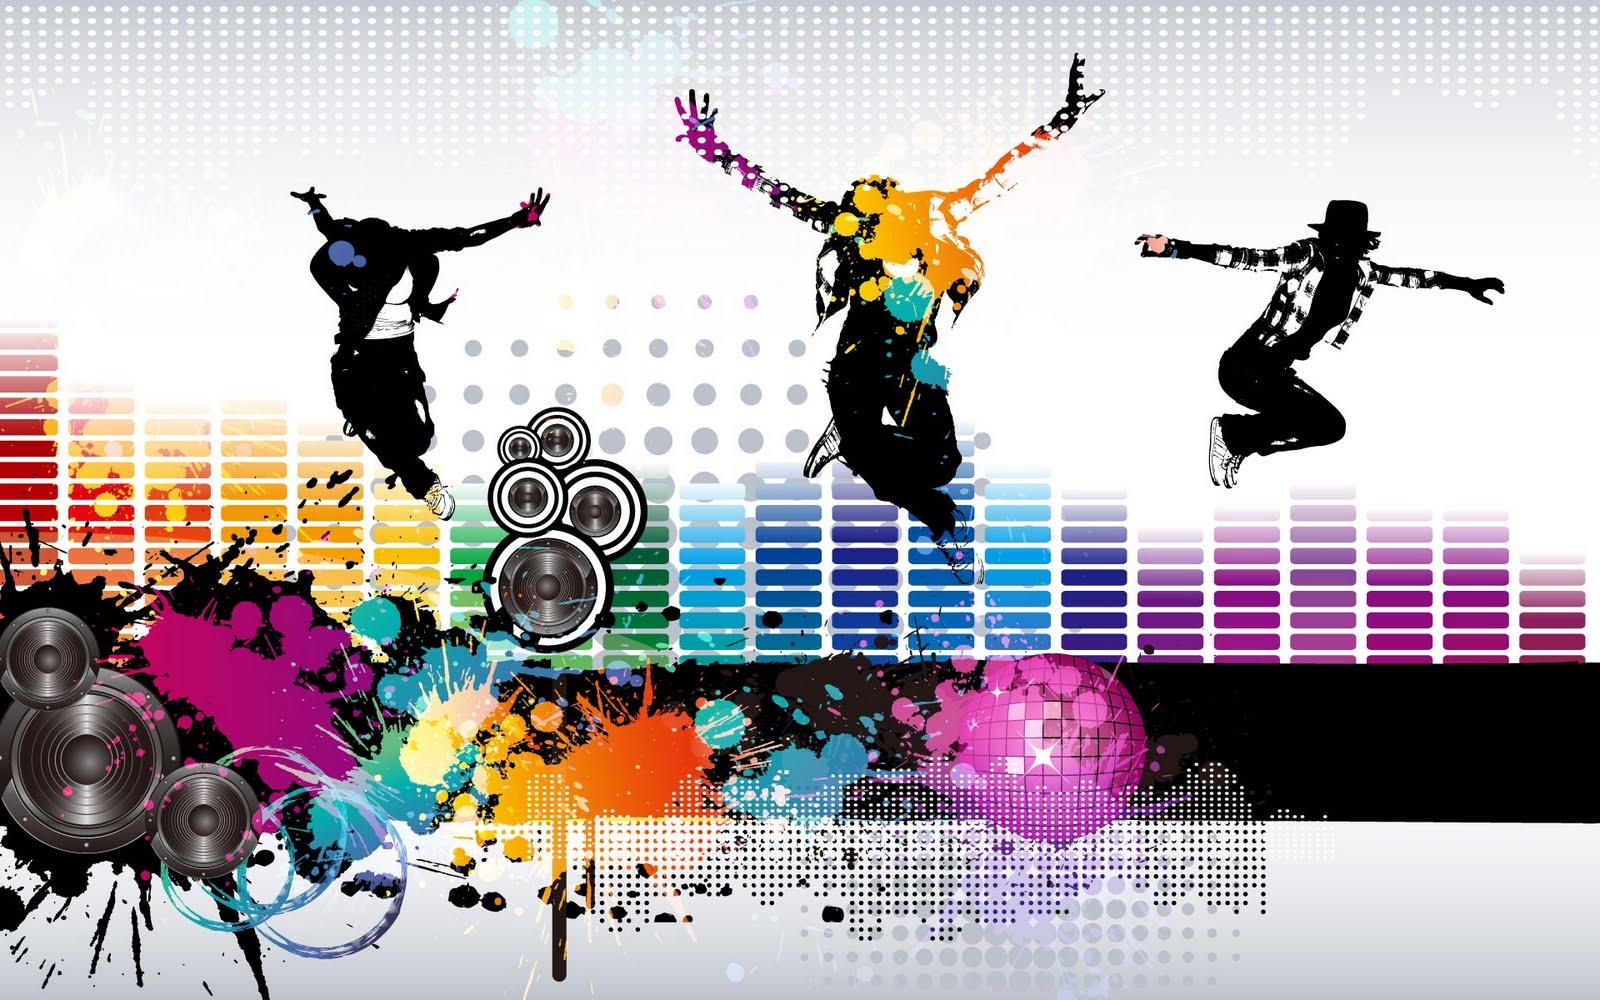 musica gratis de reggeton com: